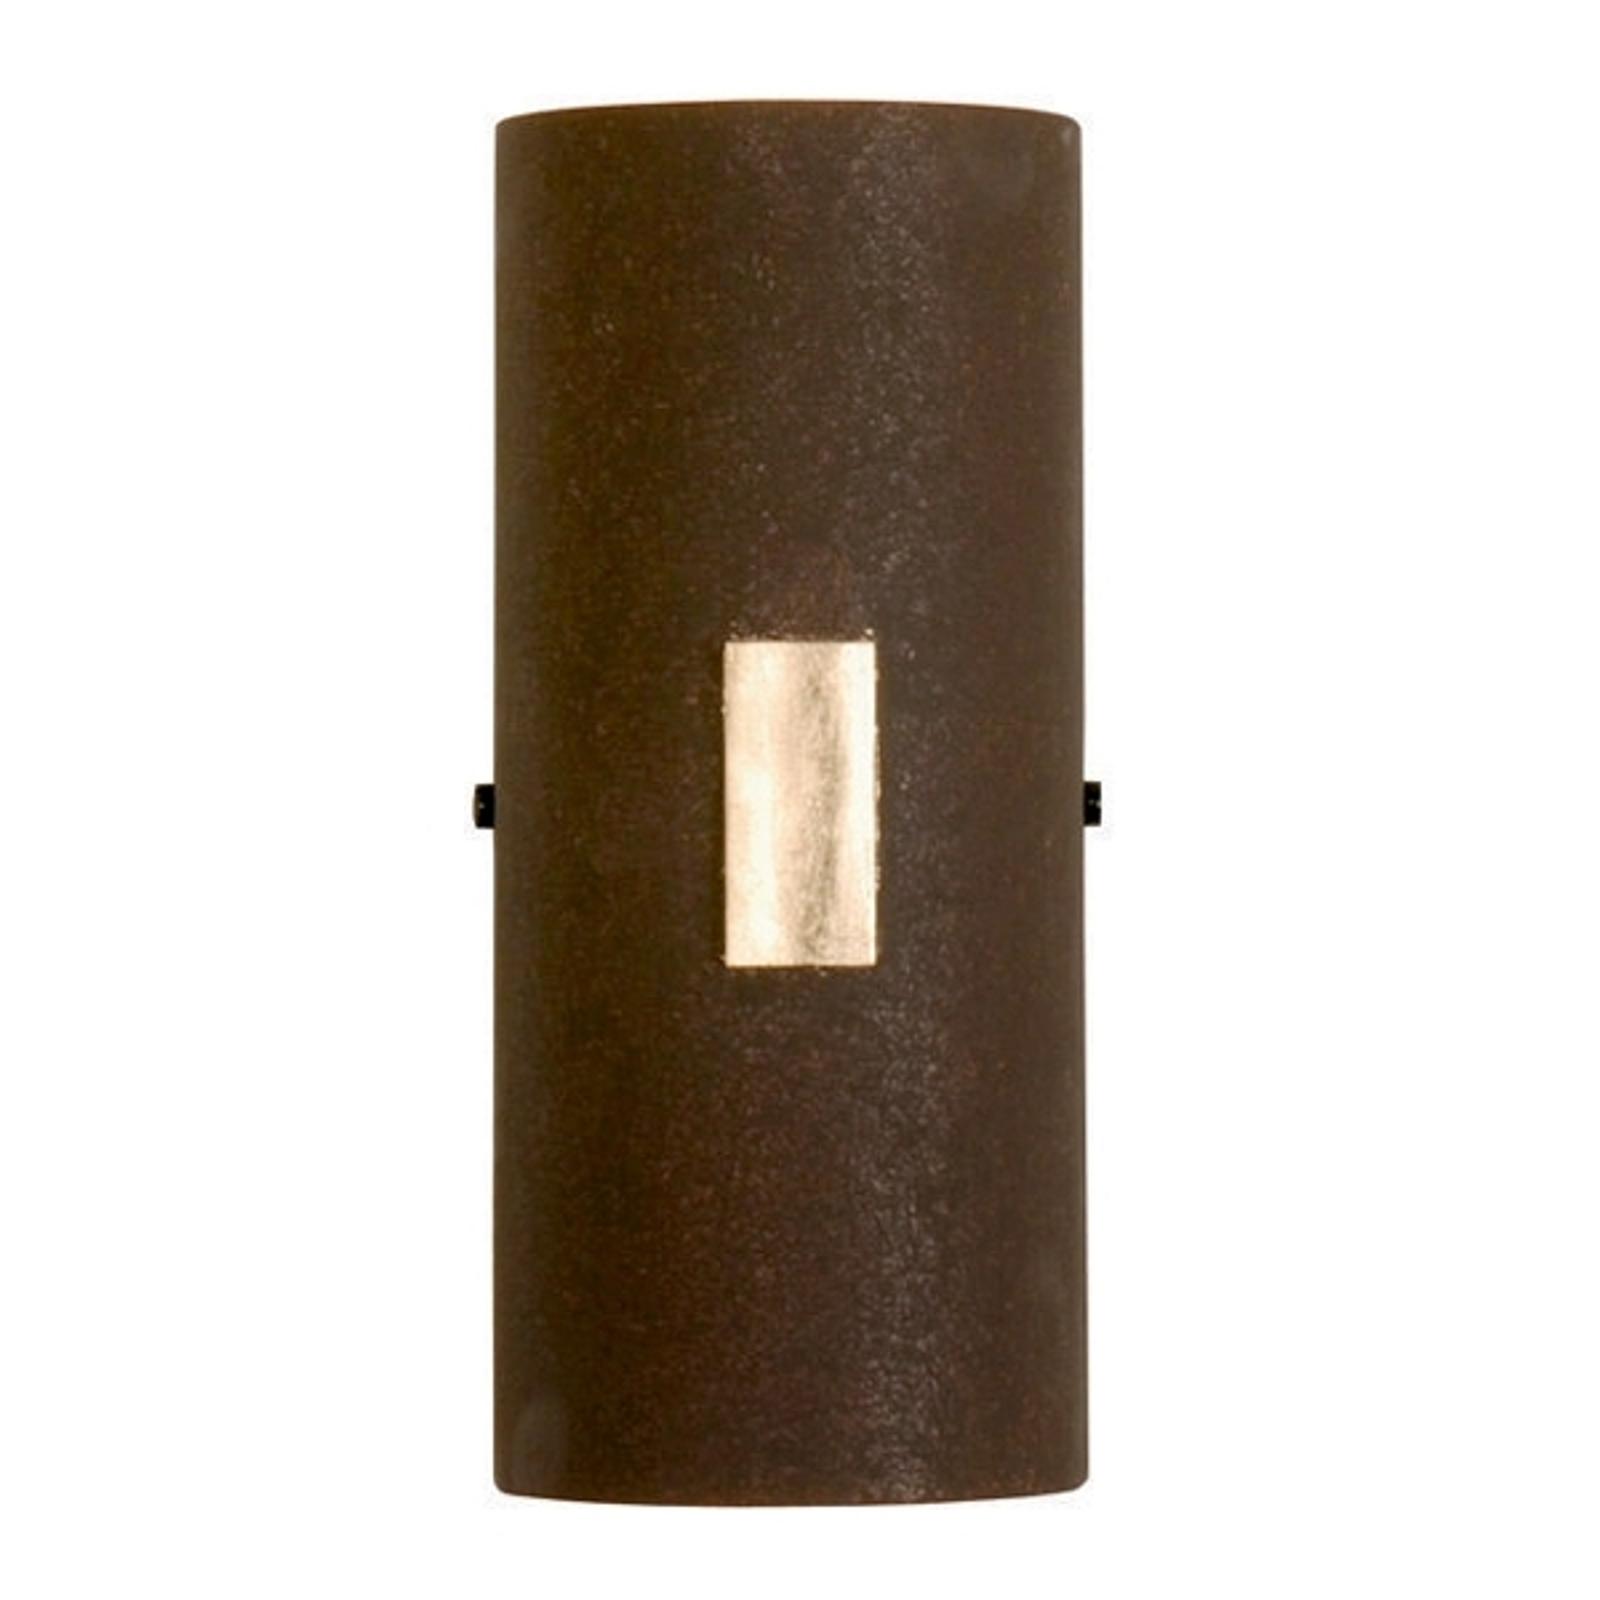 SOLO vegglampe i rustfarge med bladgull